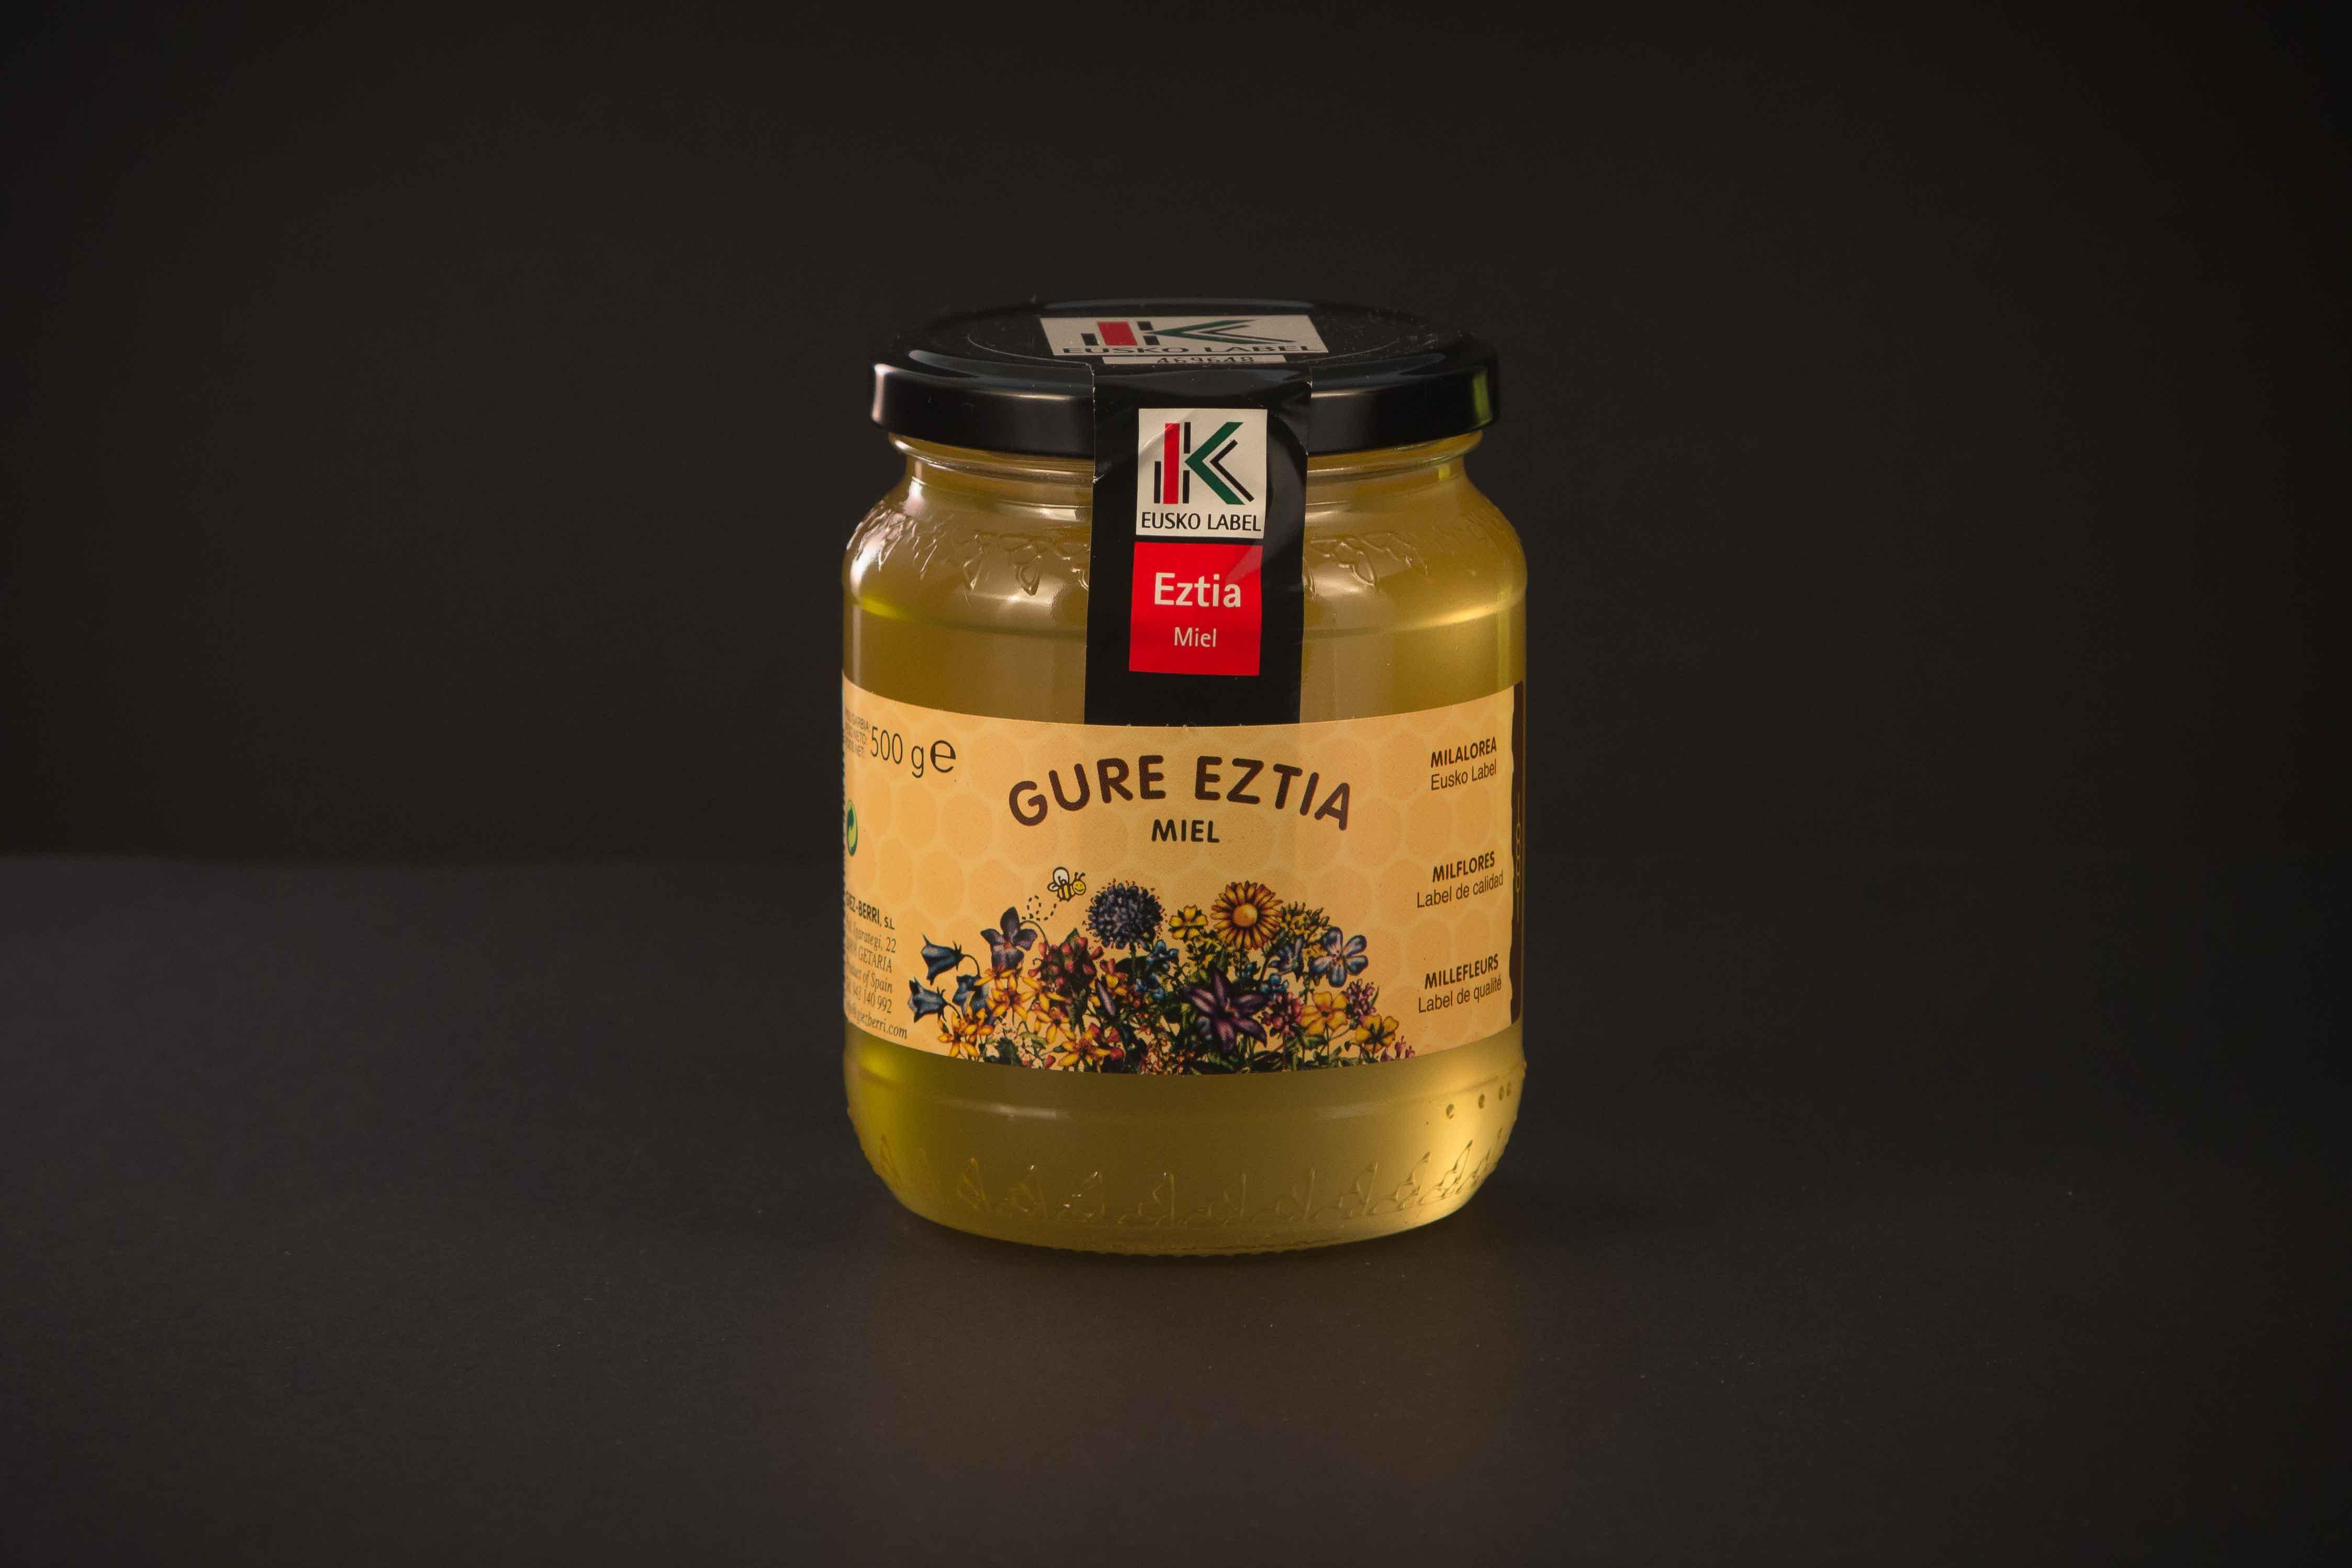 Akazia  eztia  <br/>  (Eusko  Label  /  1kg)  (Kopia)